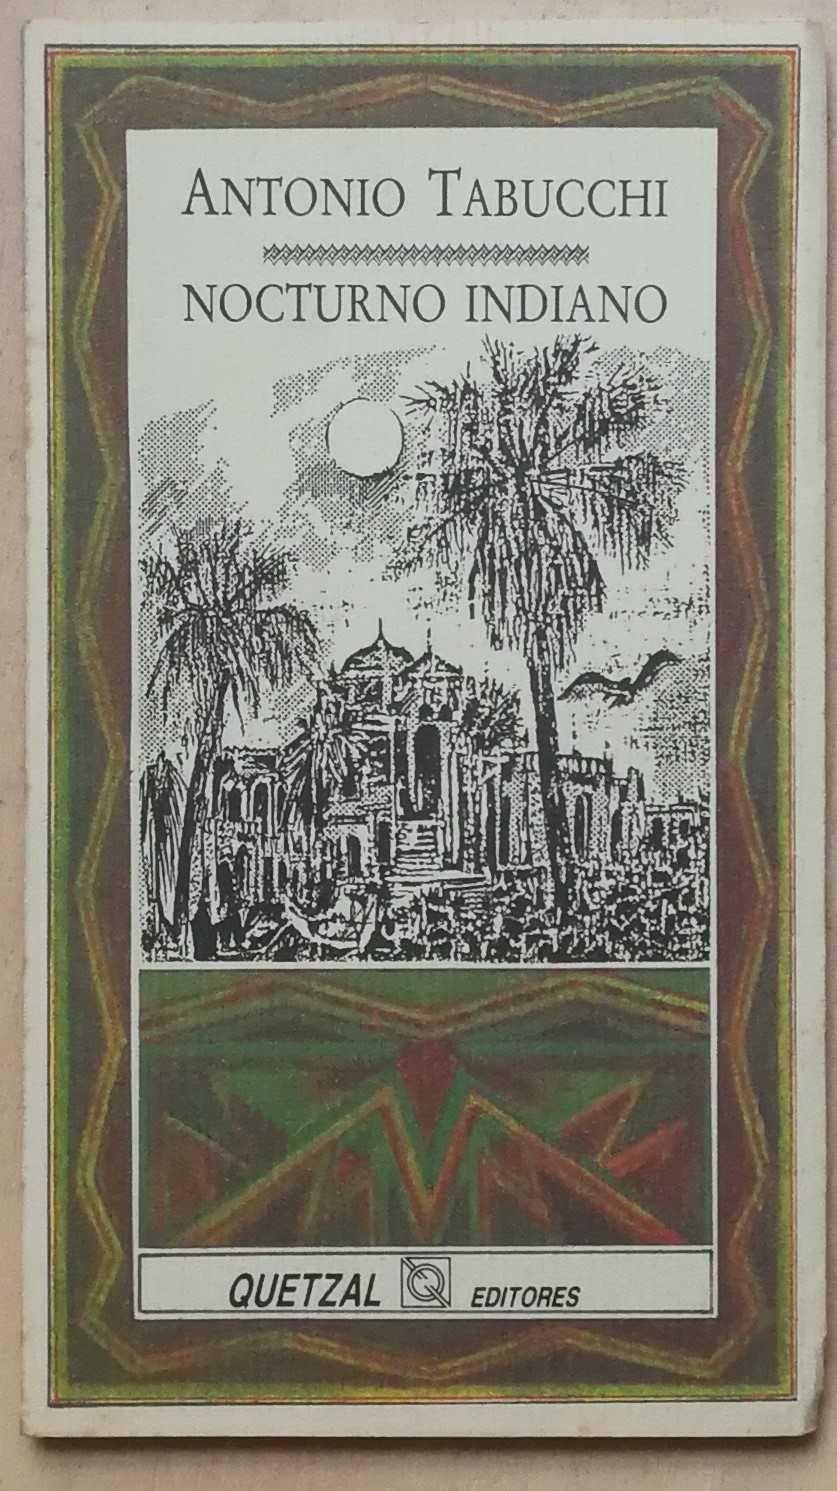 nocturno indiano, antonio tabucchi, quetzal editores